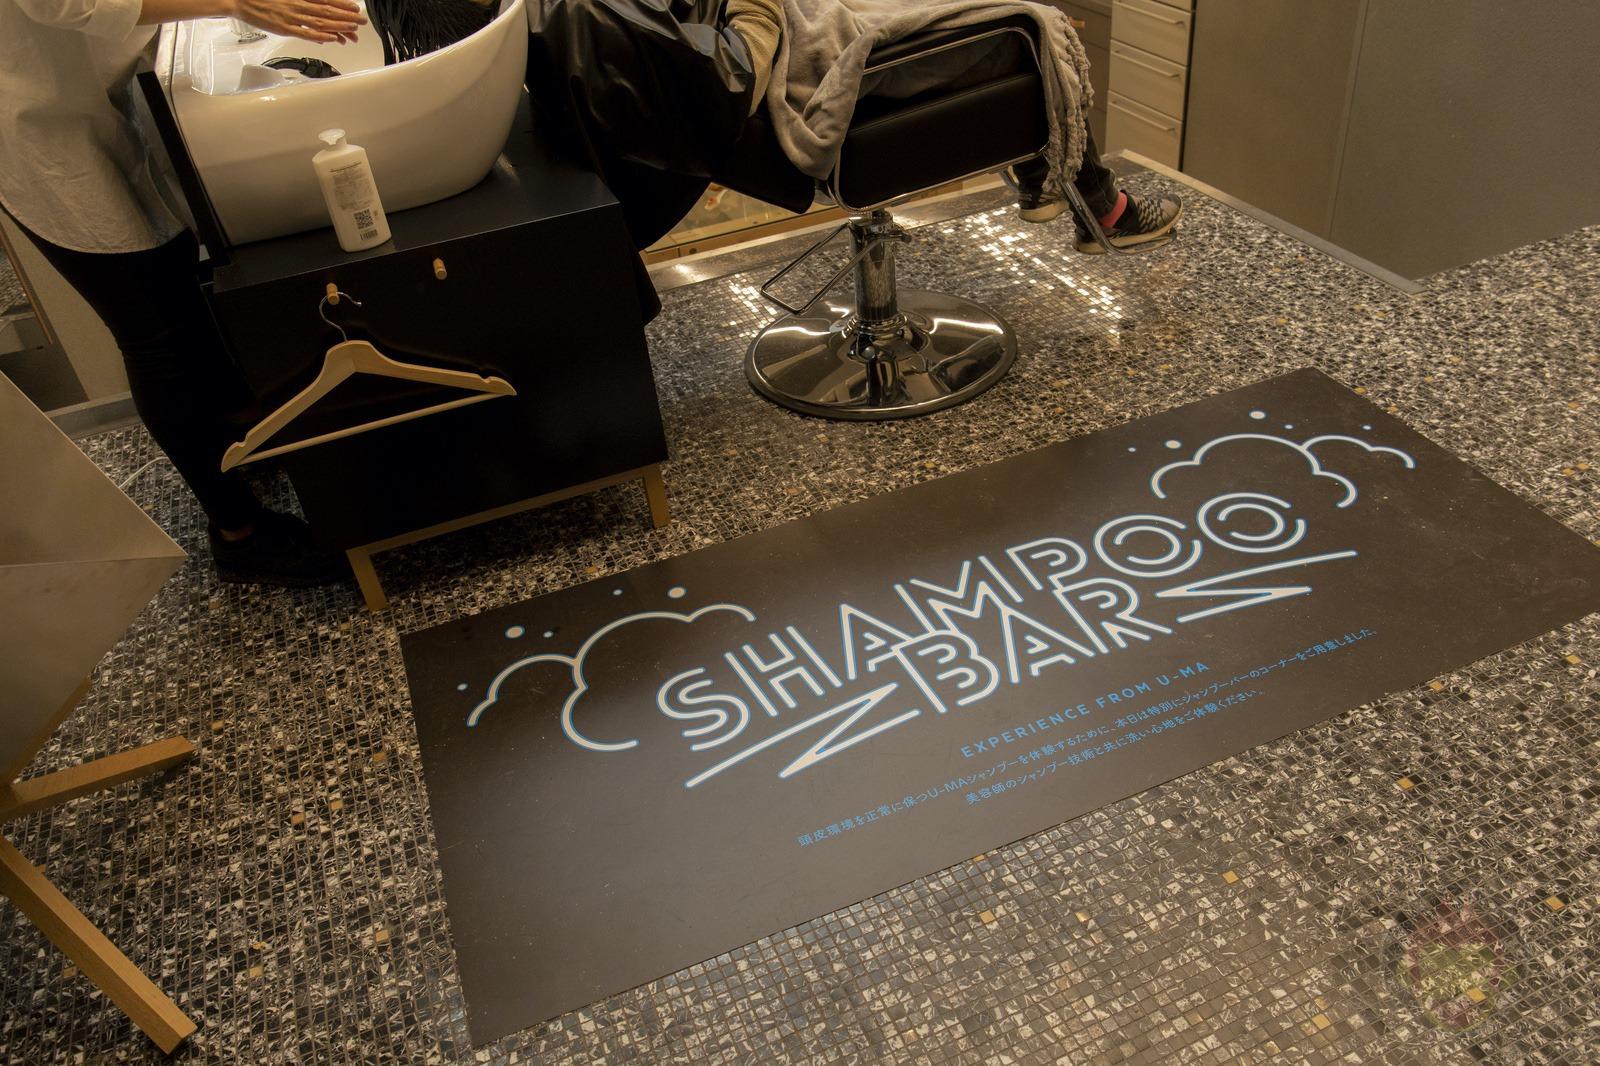 Shampoo Bar U MA Experience 46